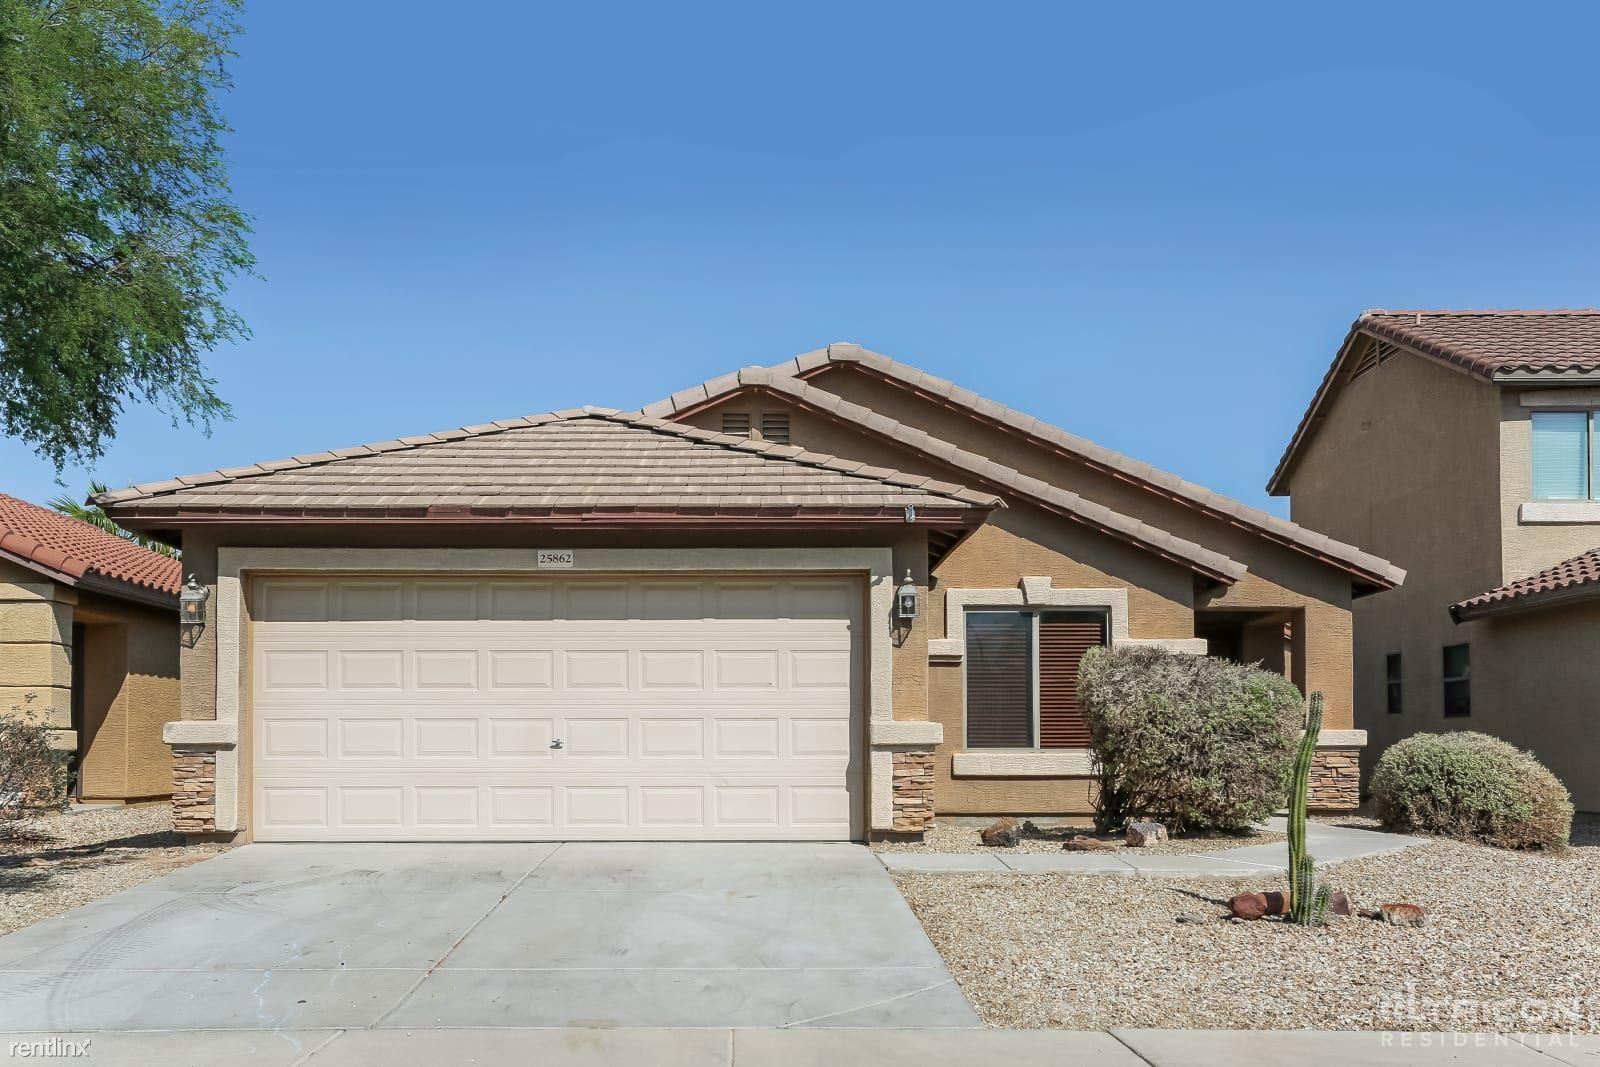 25862 W Whyman Street, Buckeye, AZ - 1,899 USD/ month